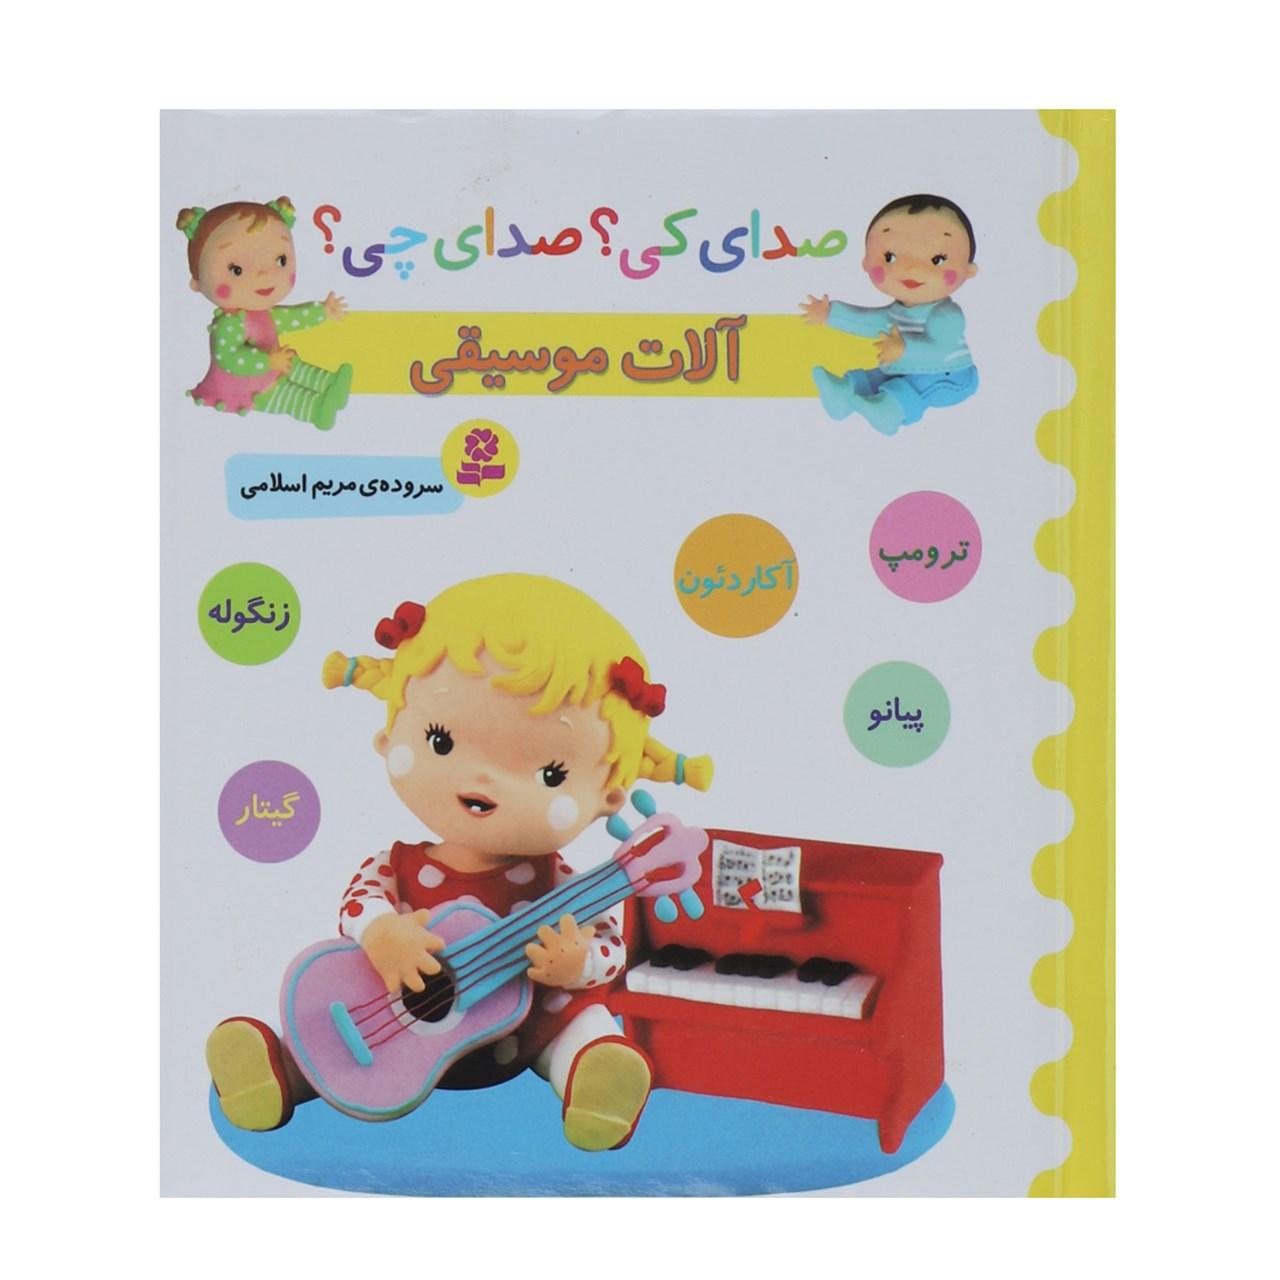 خرید                      کتاب صدای کی؟صدای چی؟ آلات موسیقی ترومپ آکاردئون اثر مریم اسلامی